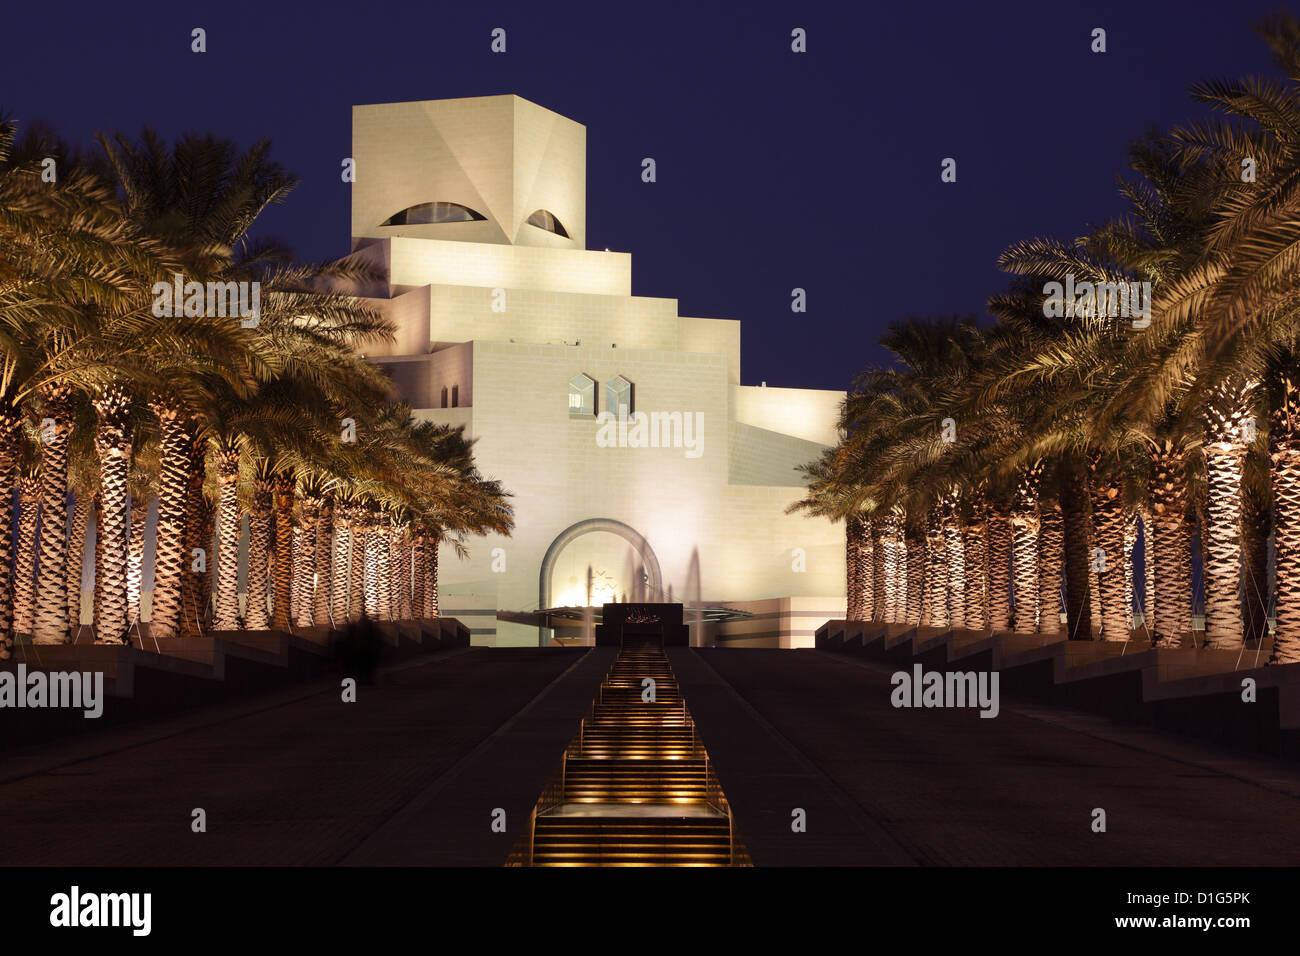 Il Museo di Arte Islamica a Doha, in Qatar Immagini Stock